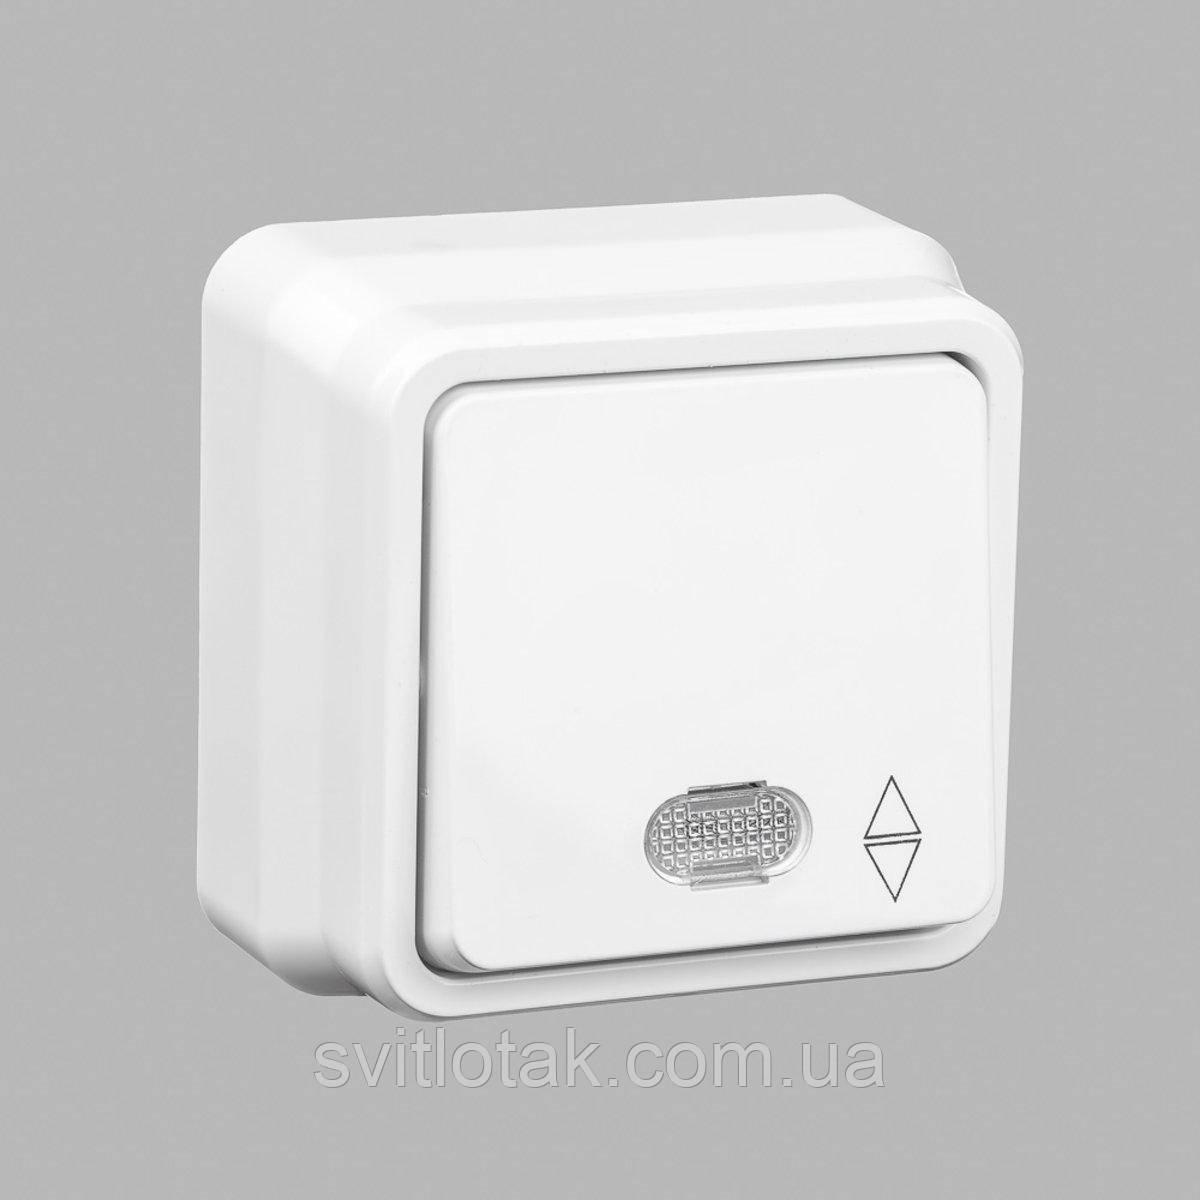 Misya выключатель проходной 1-ый с подсветкой наружный белый